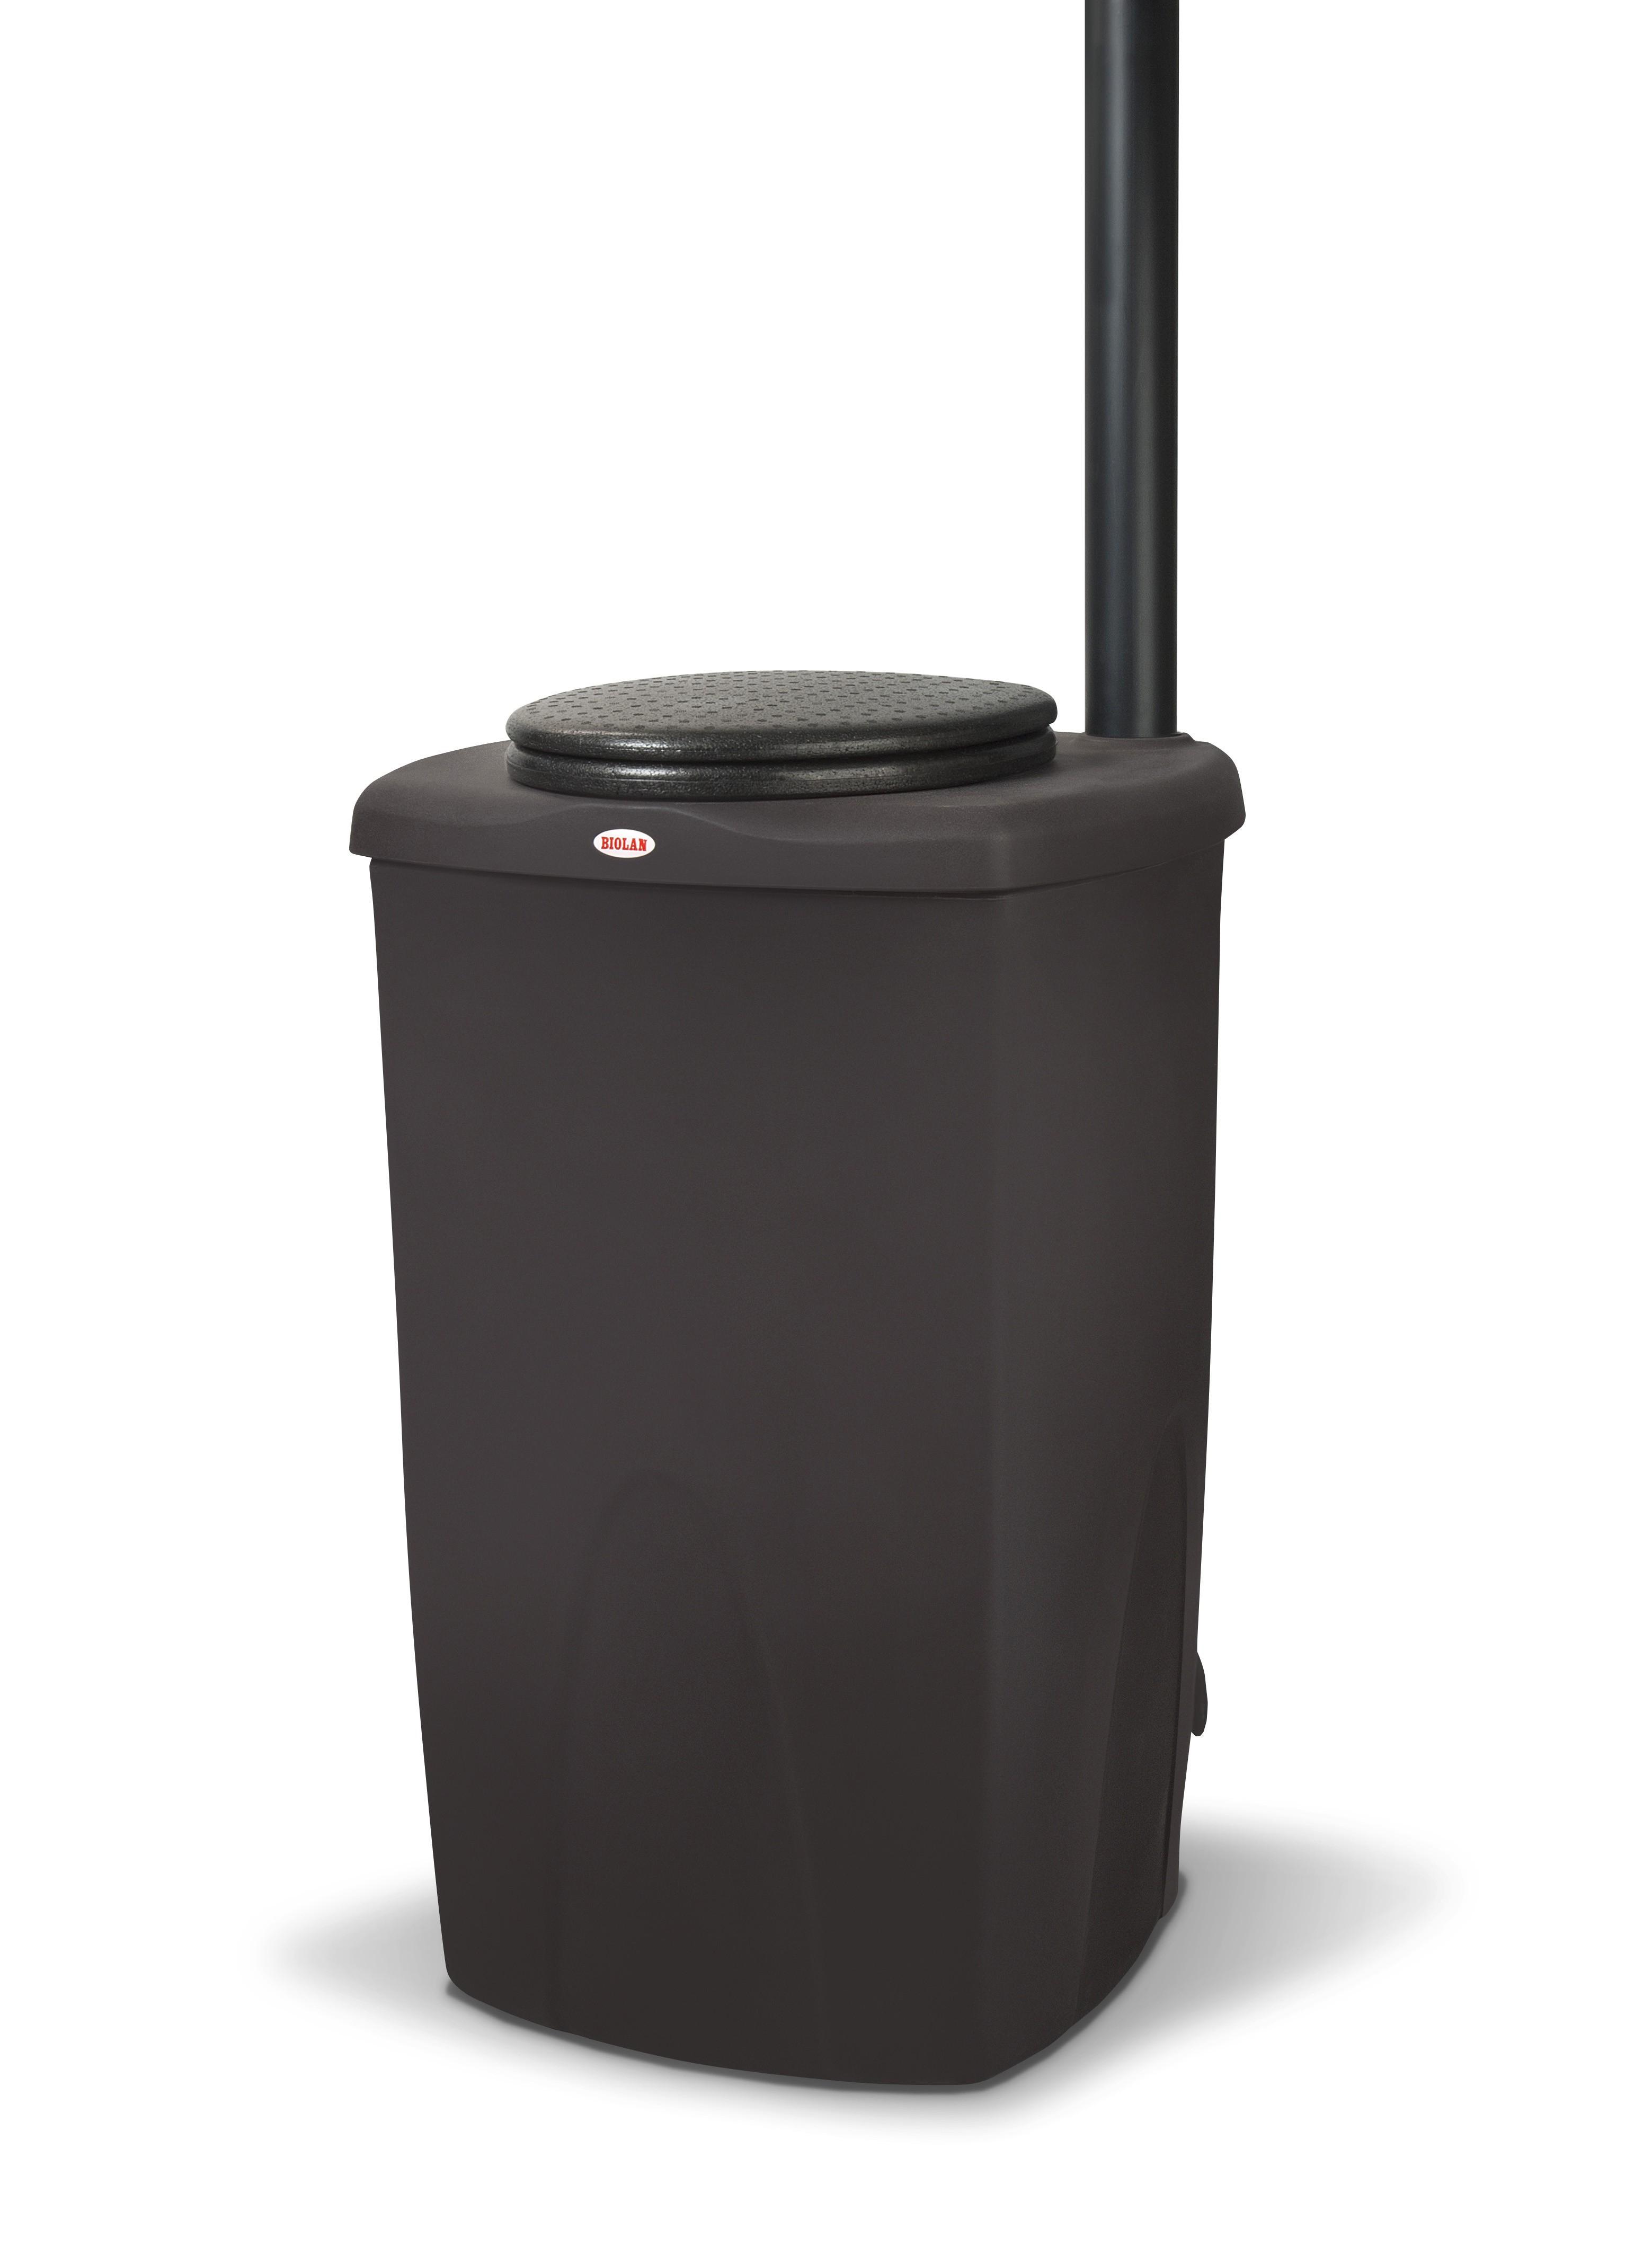 Toilette Sèche À Compost Tlb Biolan - Toilette Sèche encequiconcerne Toilette Seche Achat